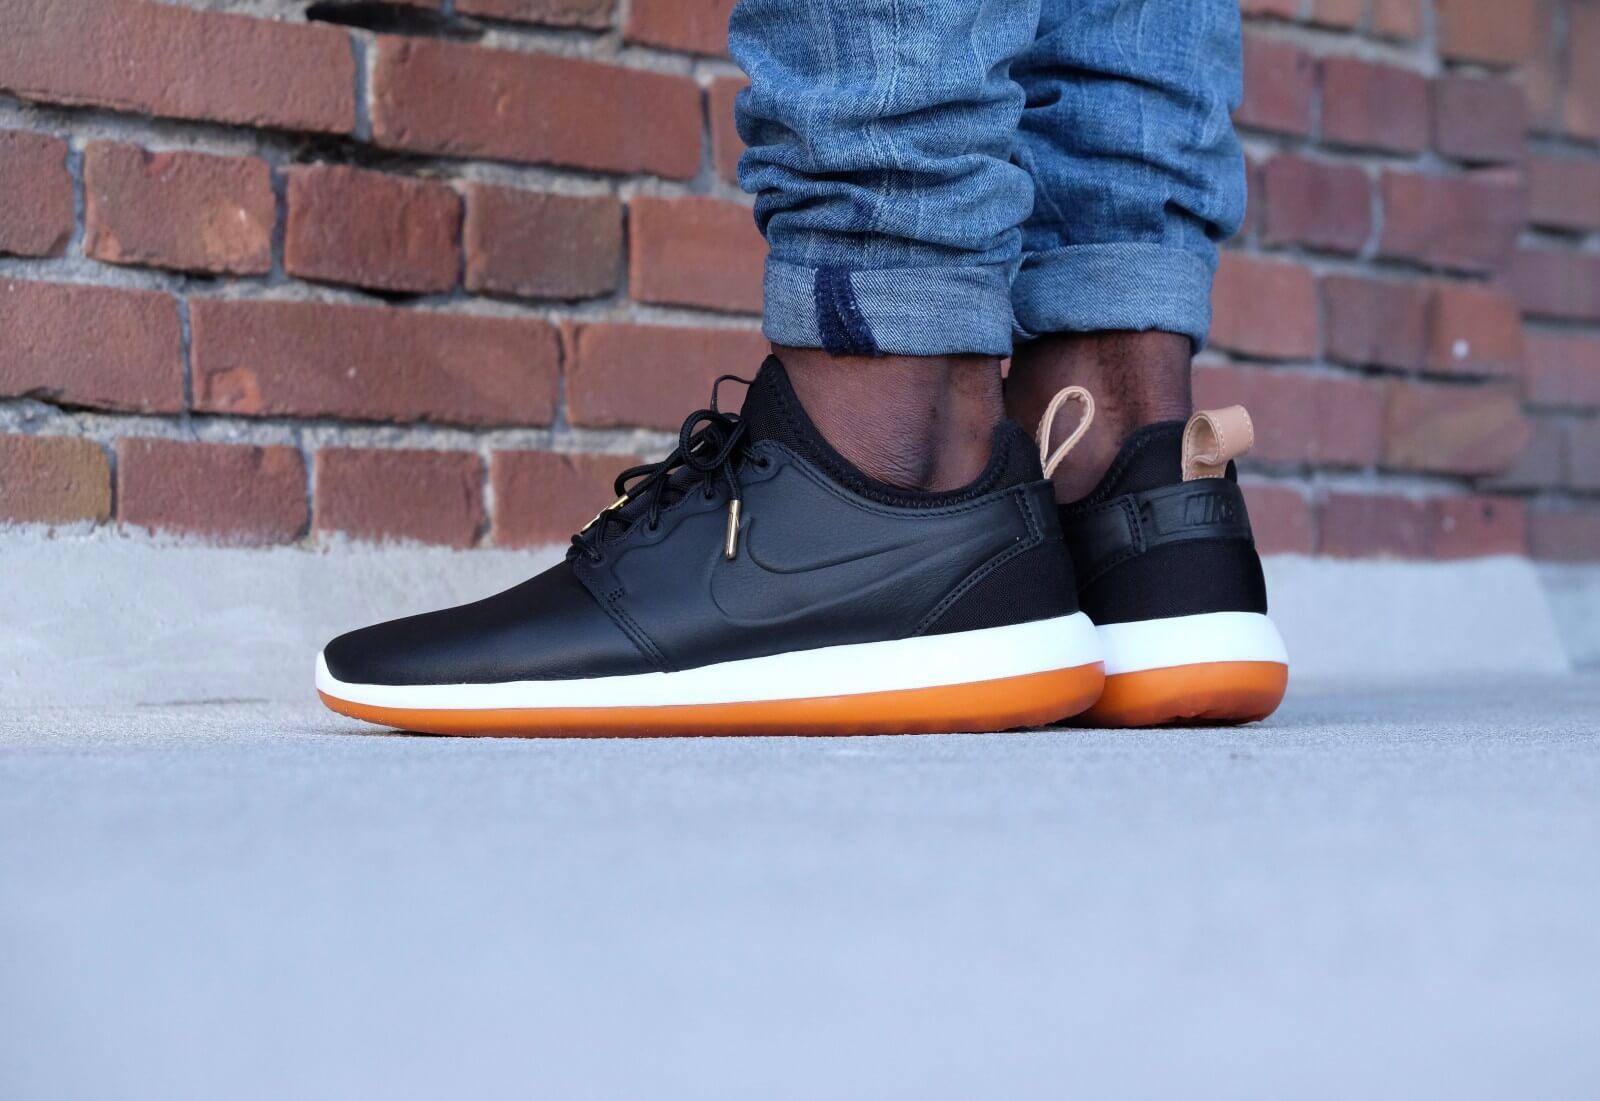 molestarse pelo Piquete  Nike Roshe Two Leather PRM Black/black-white-gum med brown - 881987-001